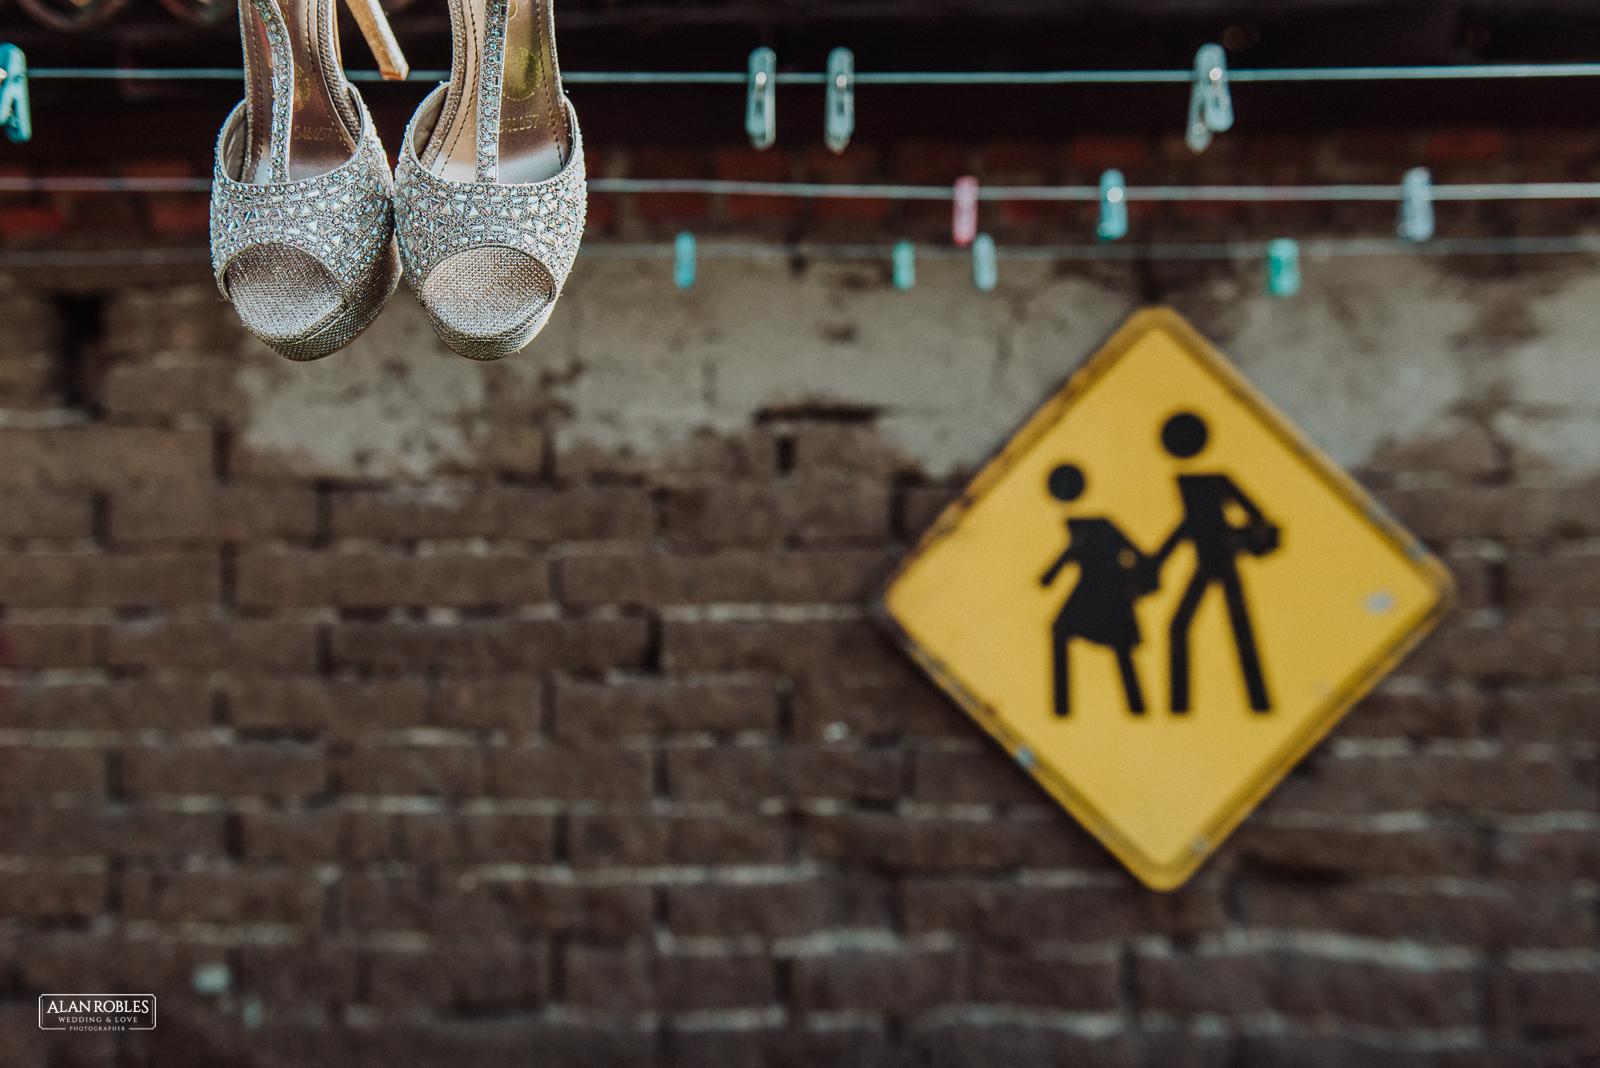 Fotografo de bodas Alan Robles-Michoacan-6